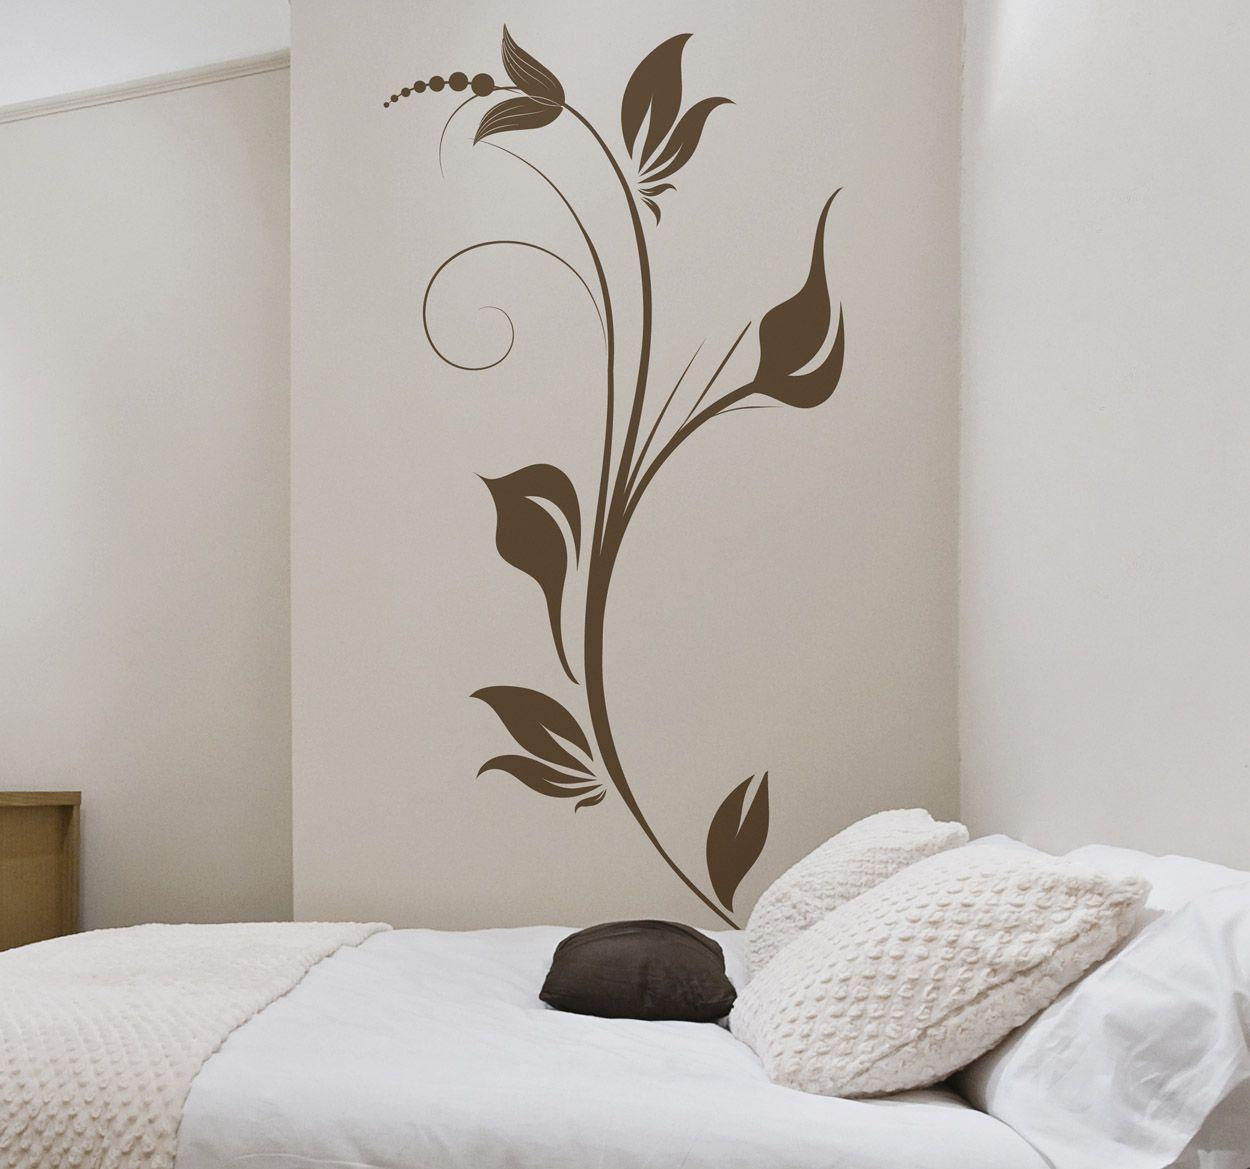 Vinilo Decorativo Tallo Planta Elegante Vinilos Pinterest  ~ Murales Decorativos Para Habitaciones De Adultos